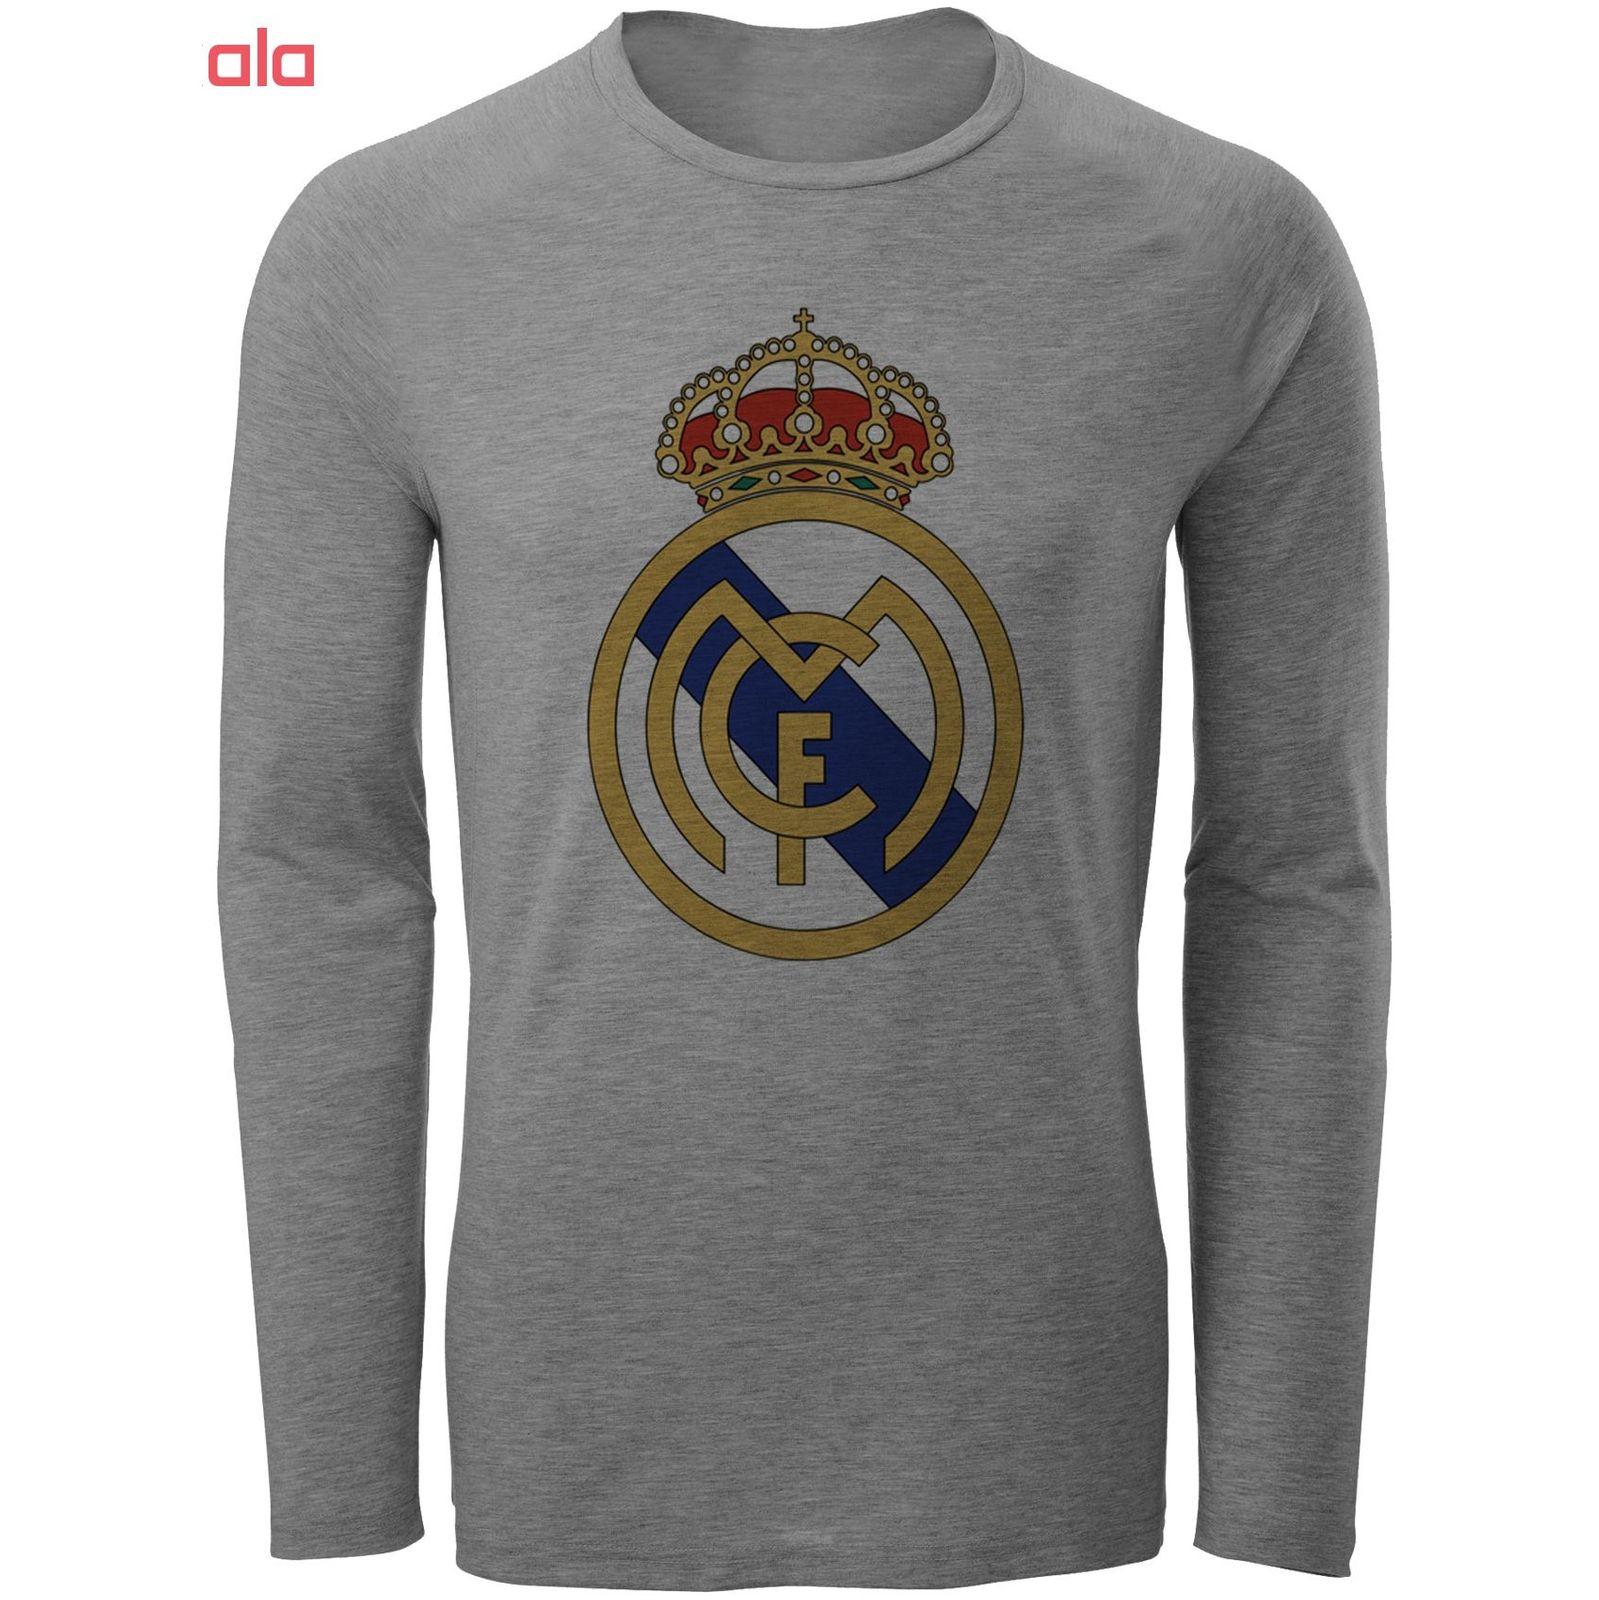 تی شرت آستین بلند مردانه طرح رئال مادرید مدل S27 main 1 1